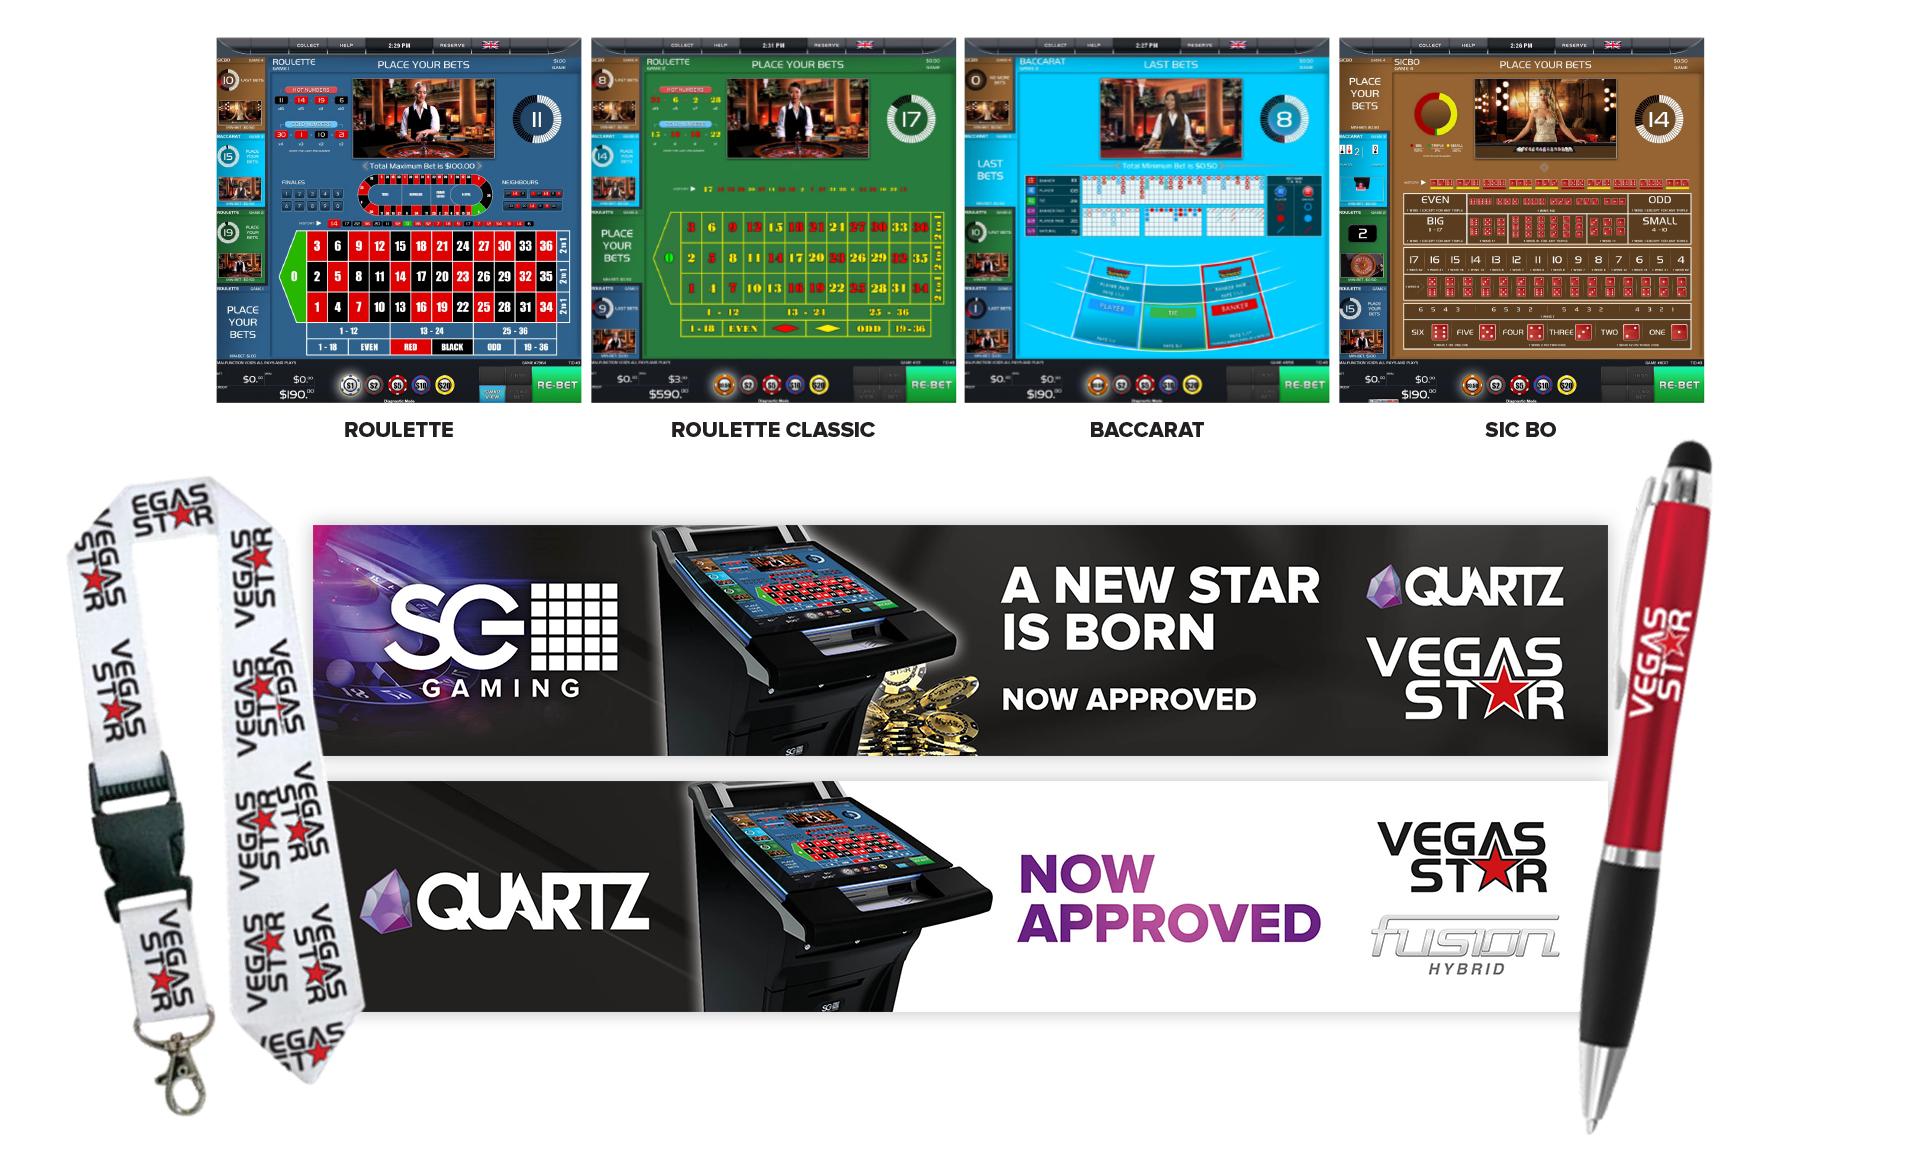 SG VS Quartz behance layout C.jpg